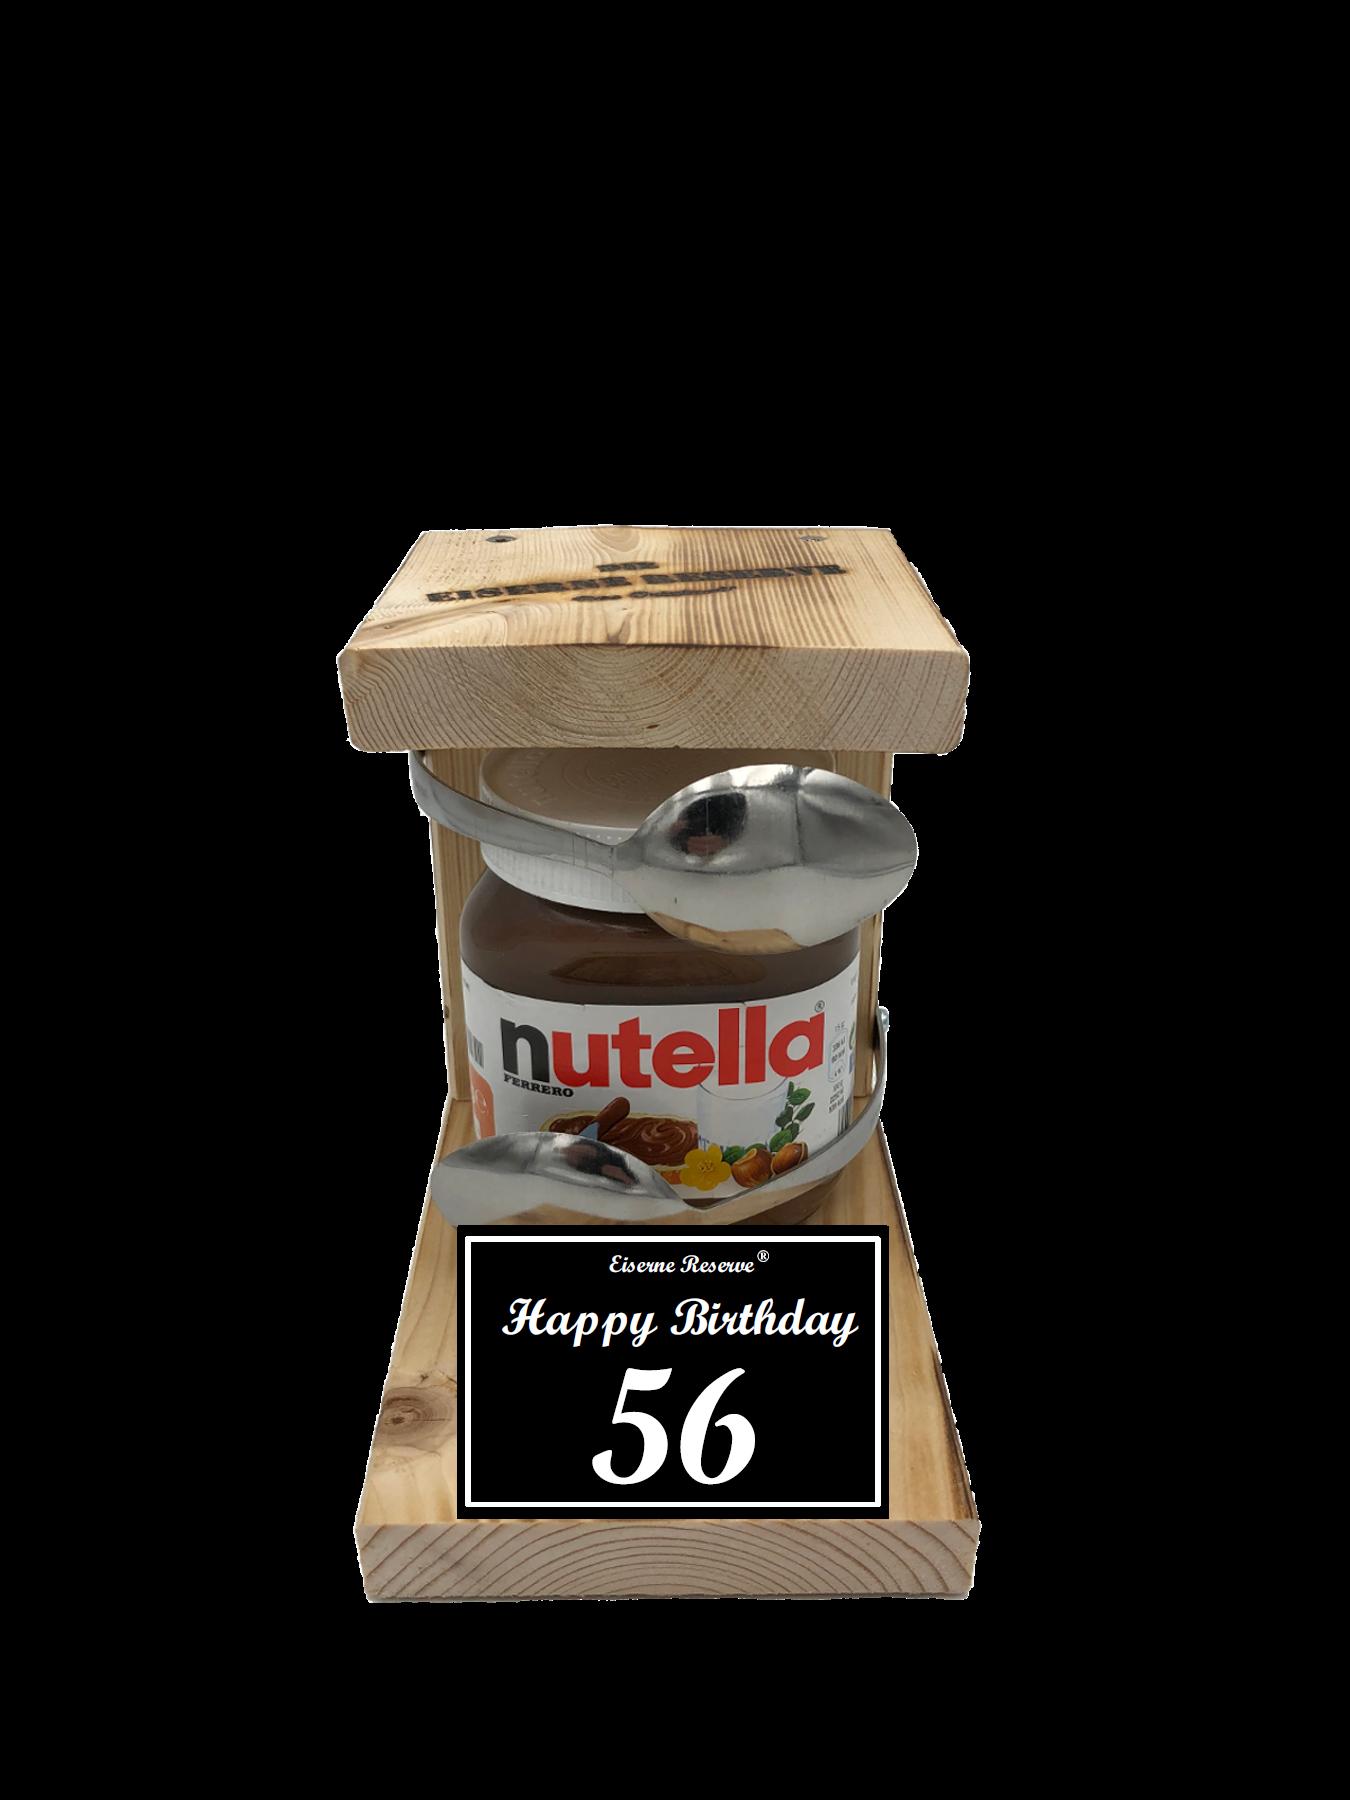 56 Happy Birthday Löffel Nutella Geschenk - Die Nutella Geschenkidee